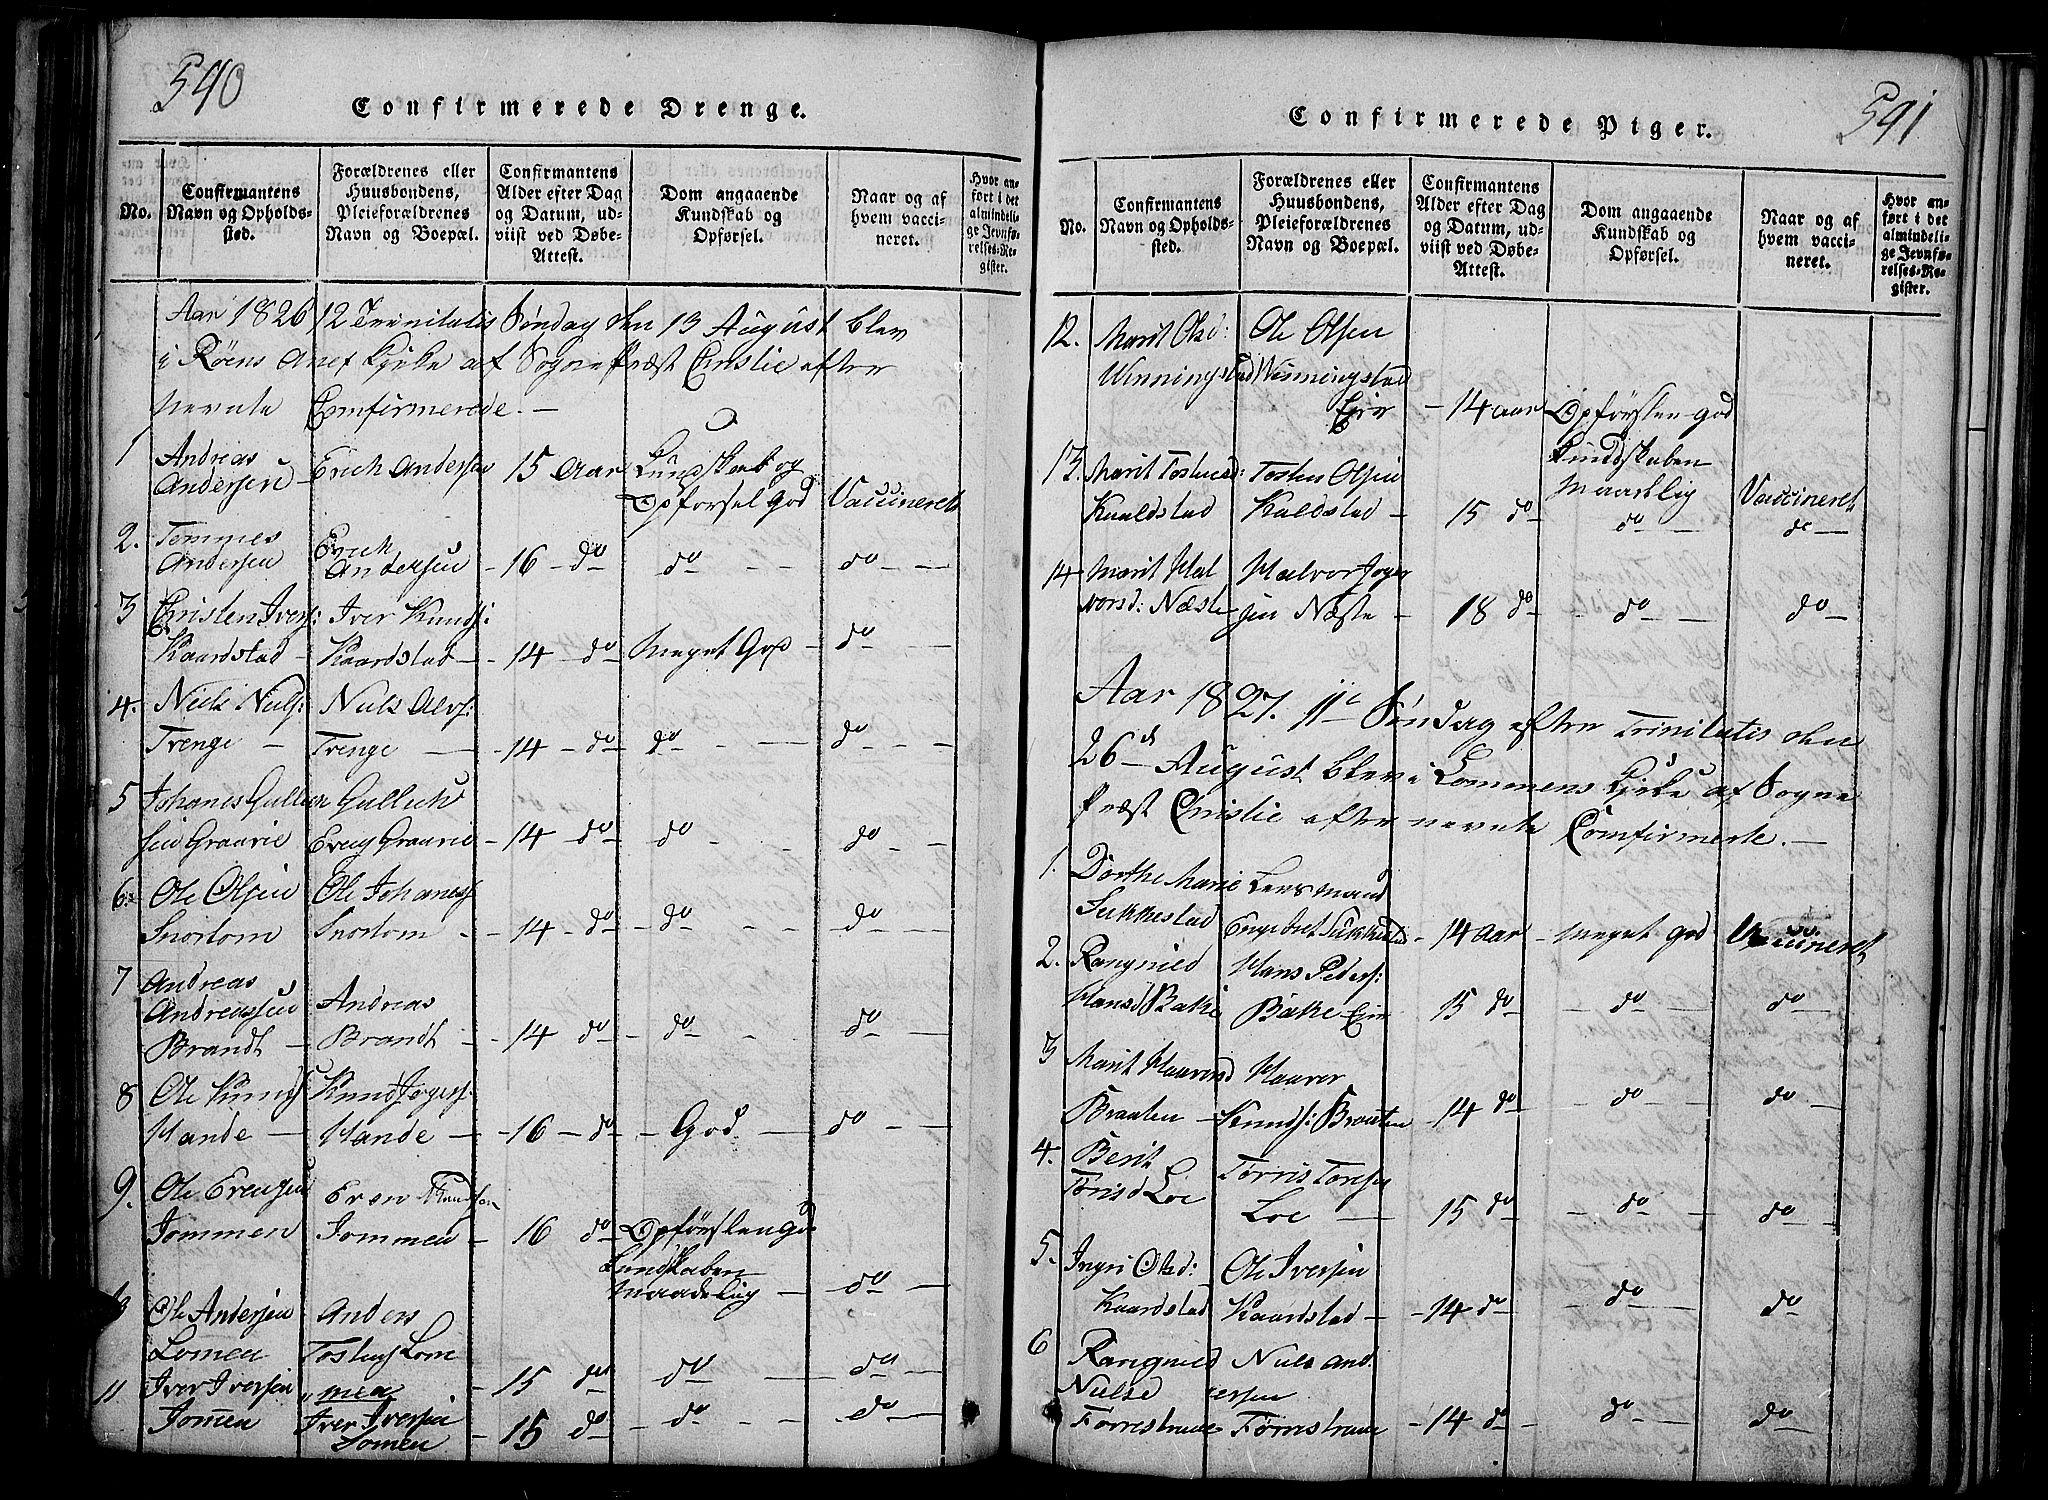 SAH, Slidre prestekontor, Ministerialbok nr. 2, 1814-1830, s. 540-541